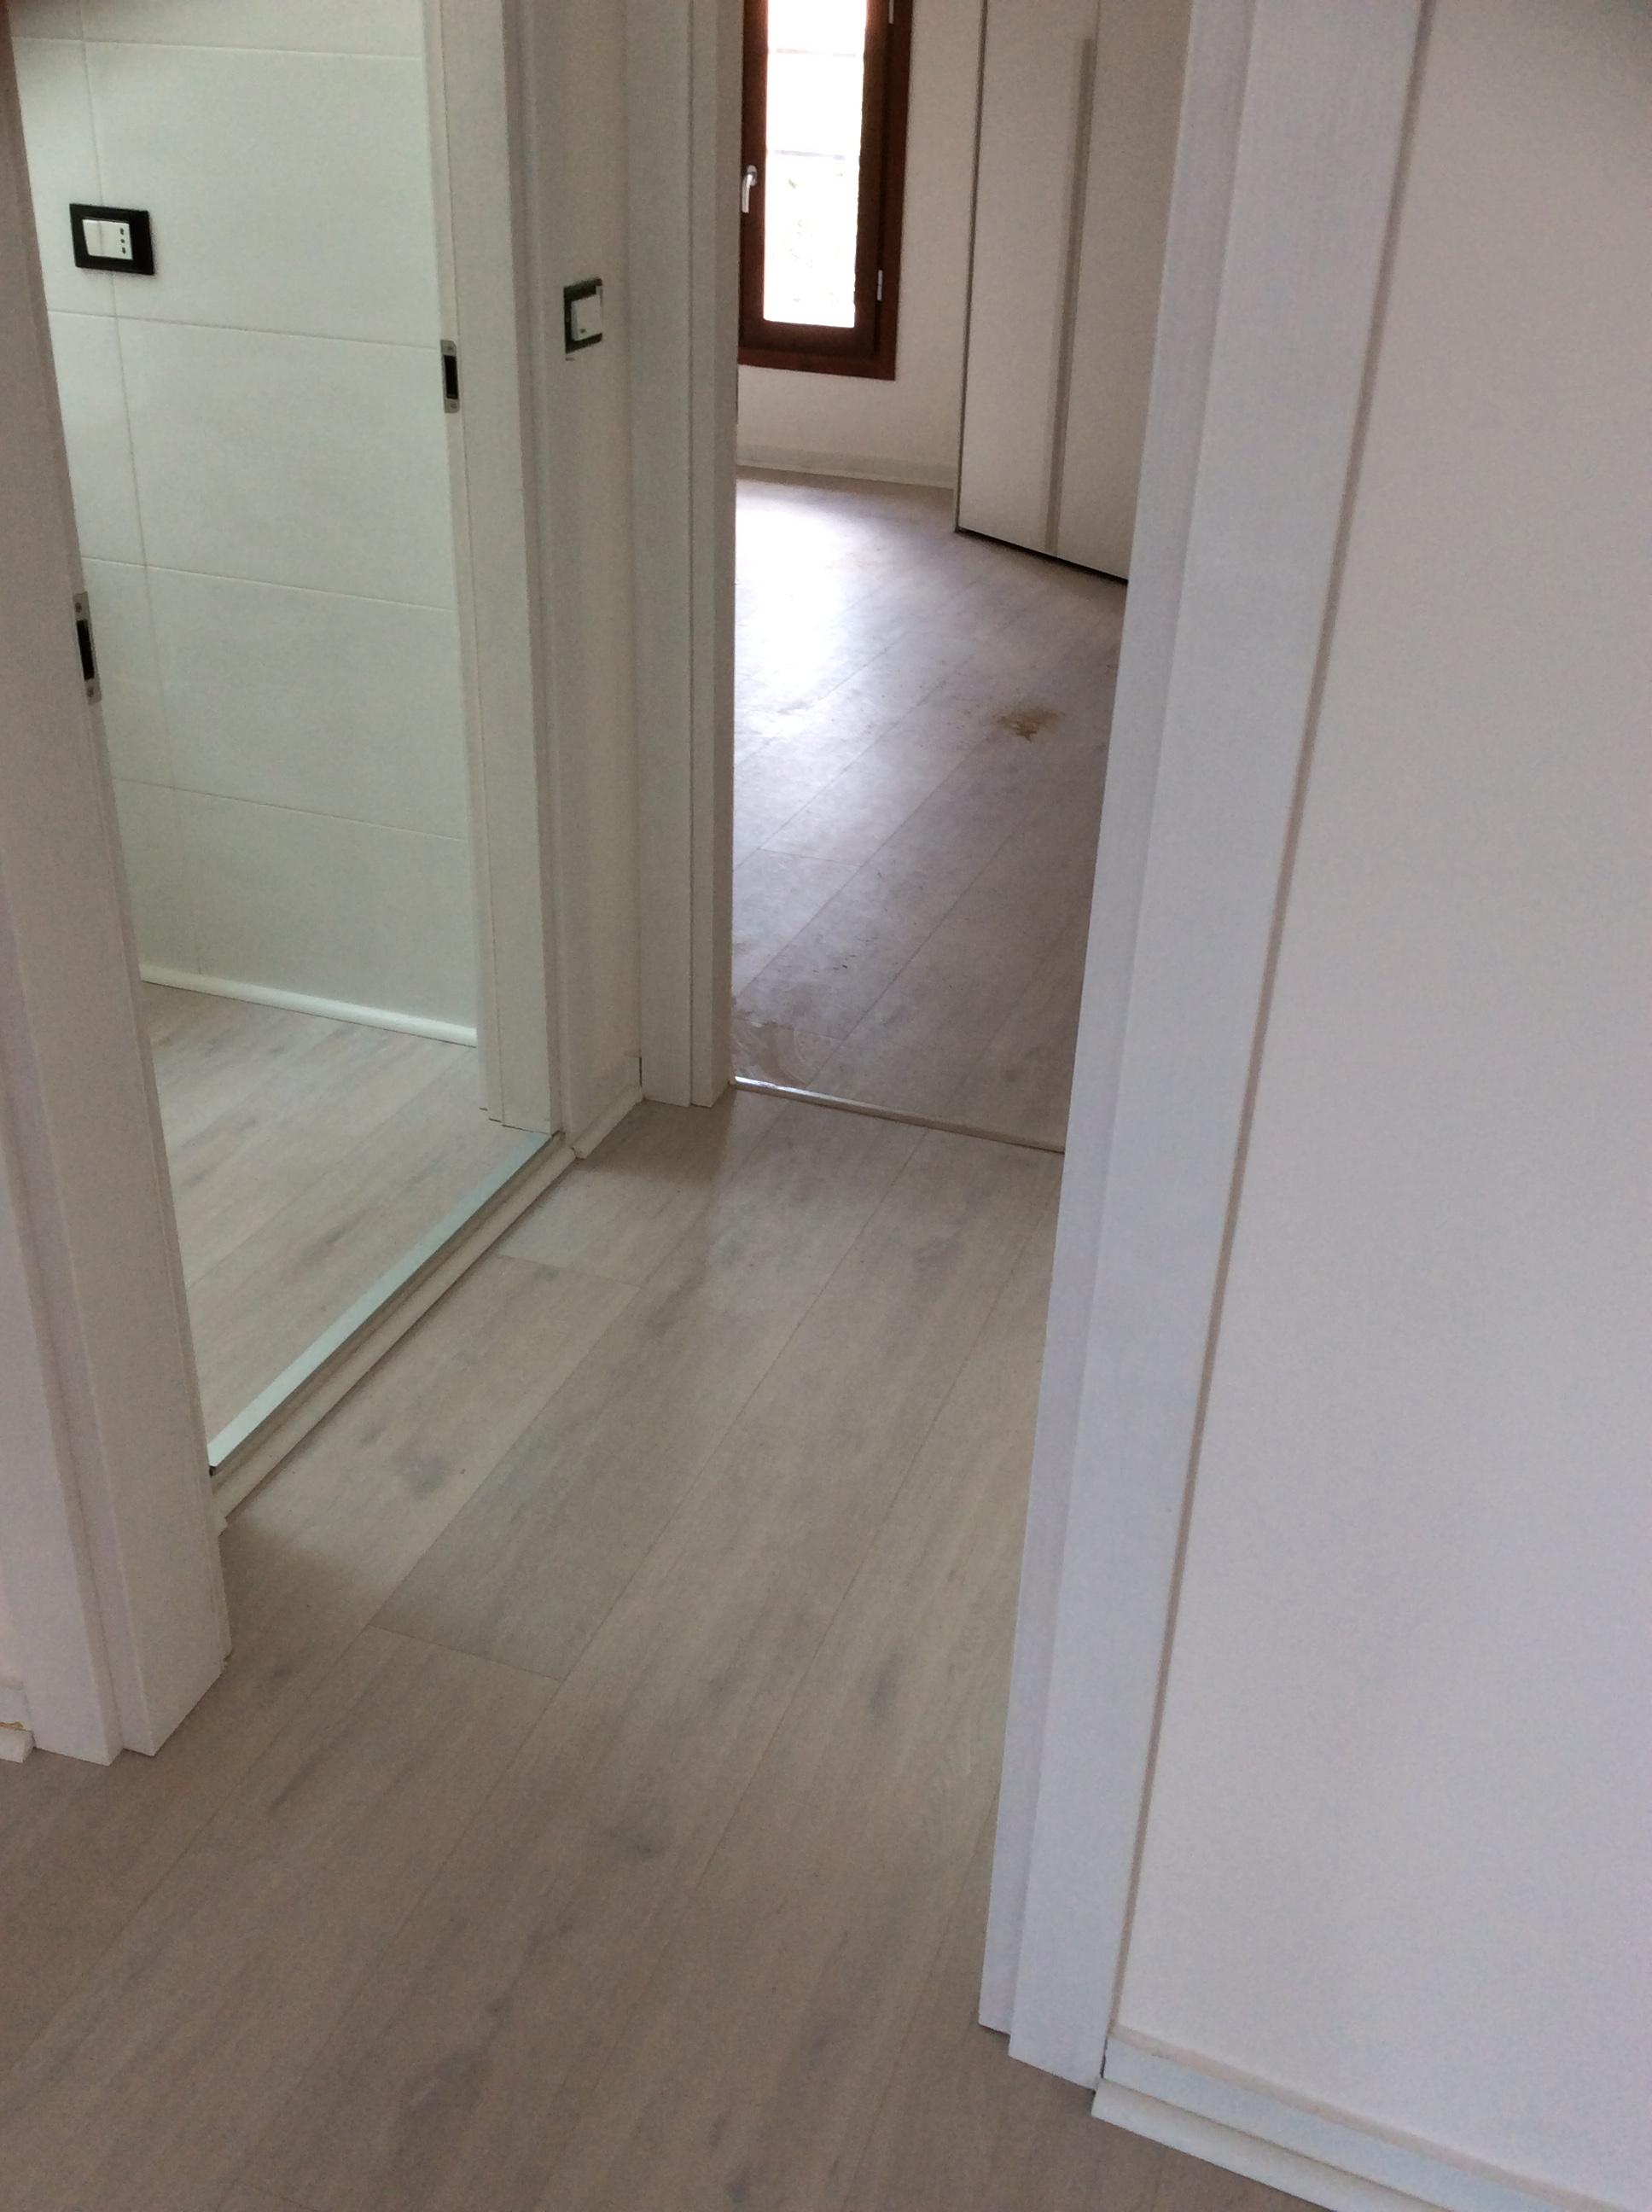 Pavimento In Pvc Effetto Legno parquet pvc effetto legno a ferrara - design interni ferrara